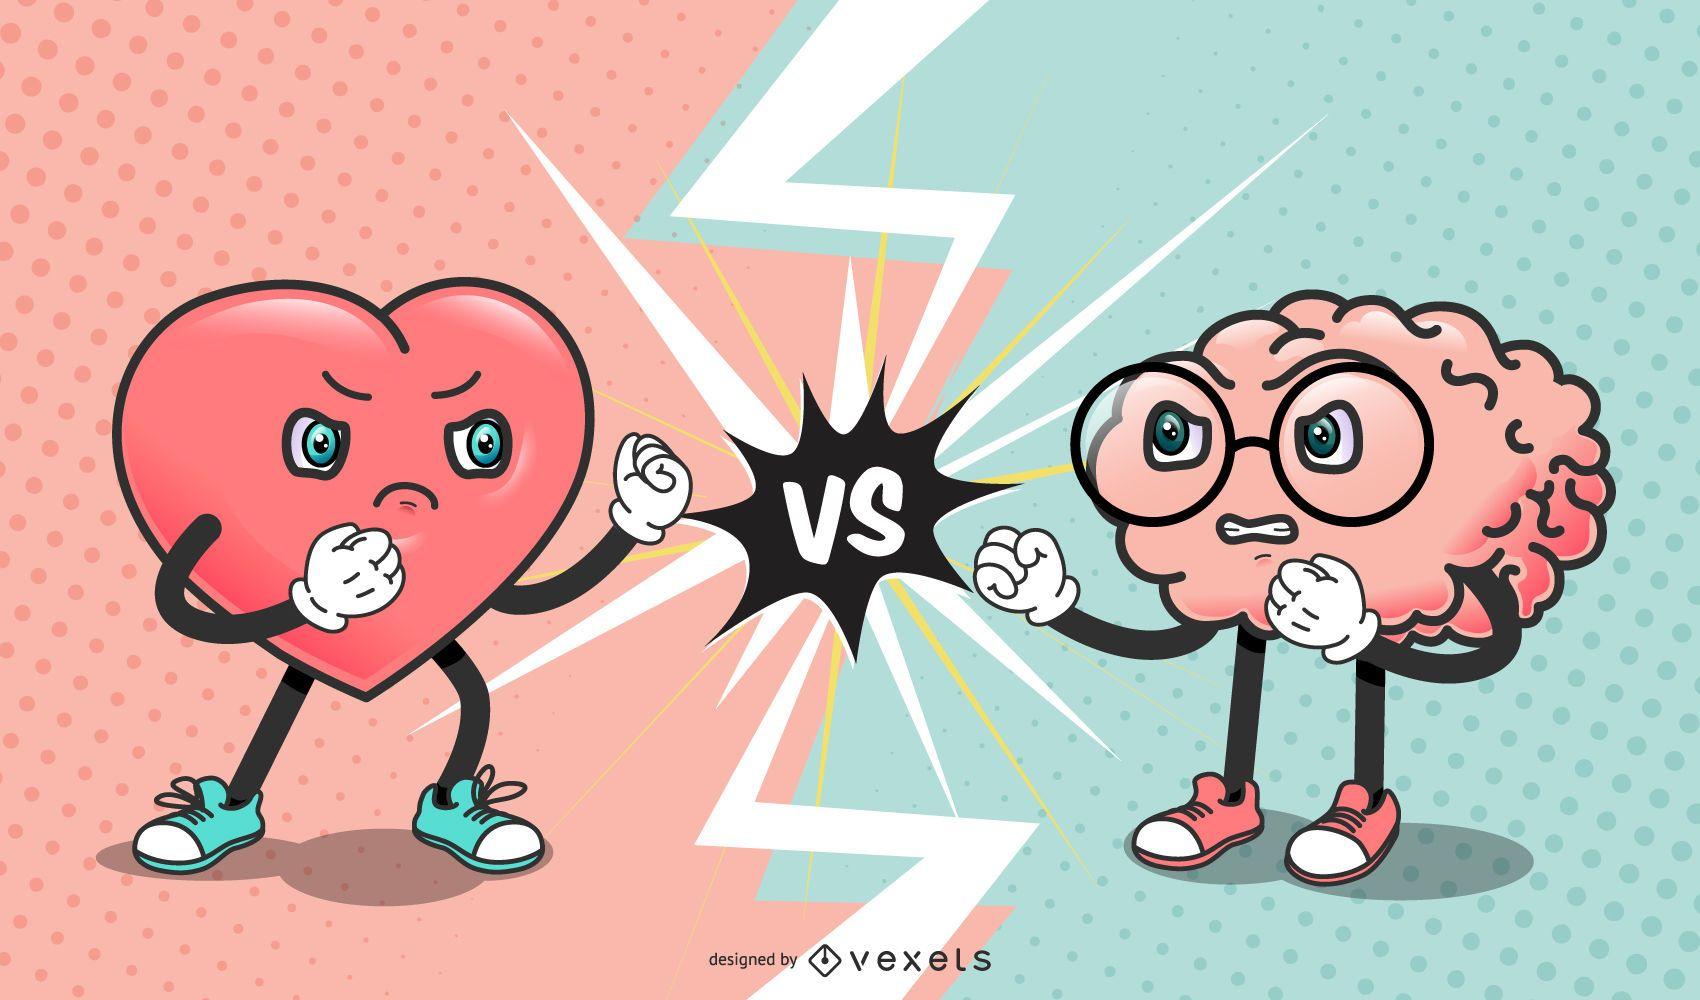 Personagens engraçados do Valentim do coração contra o cérebro